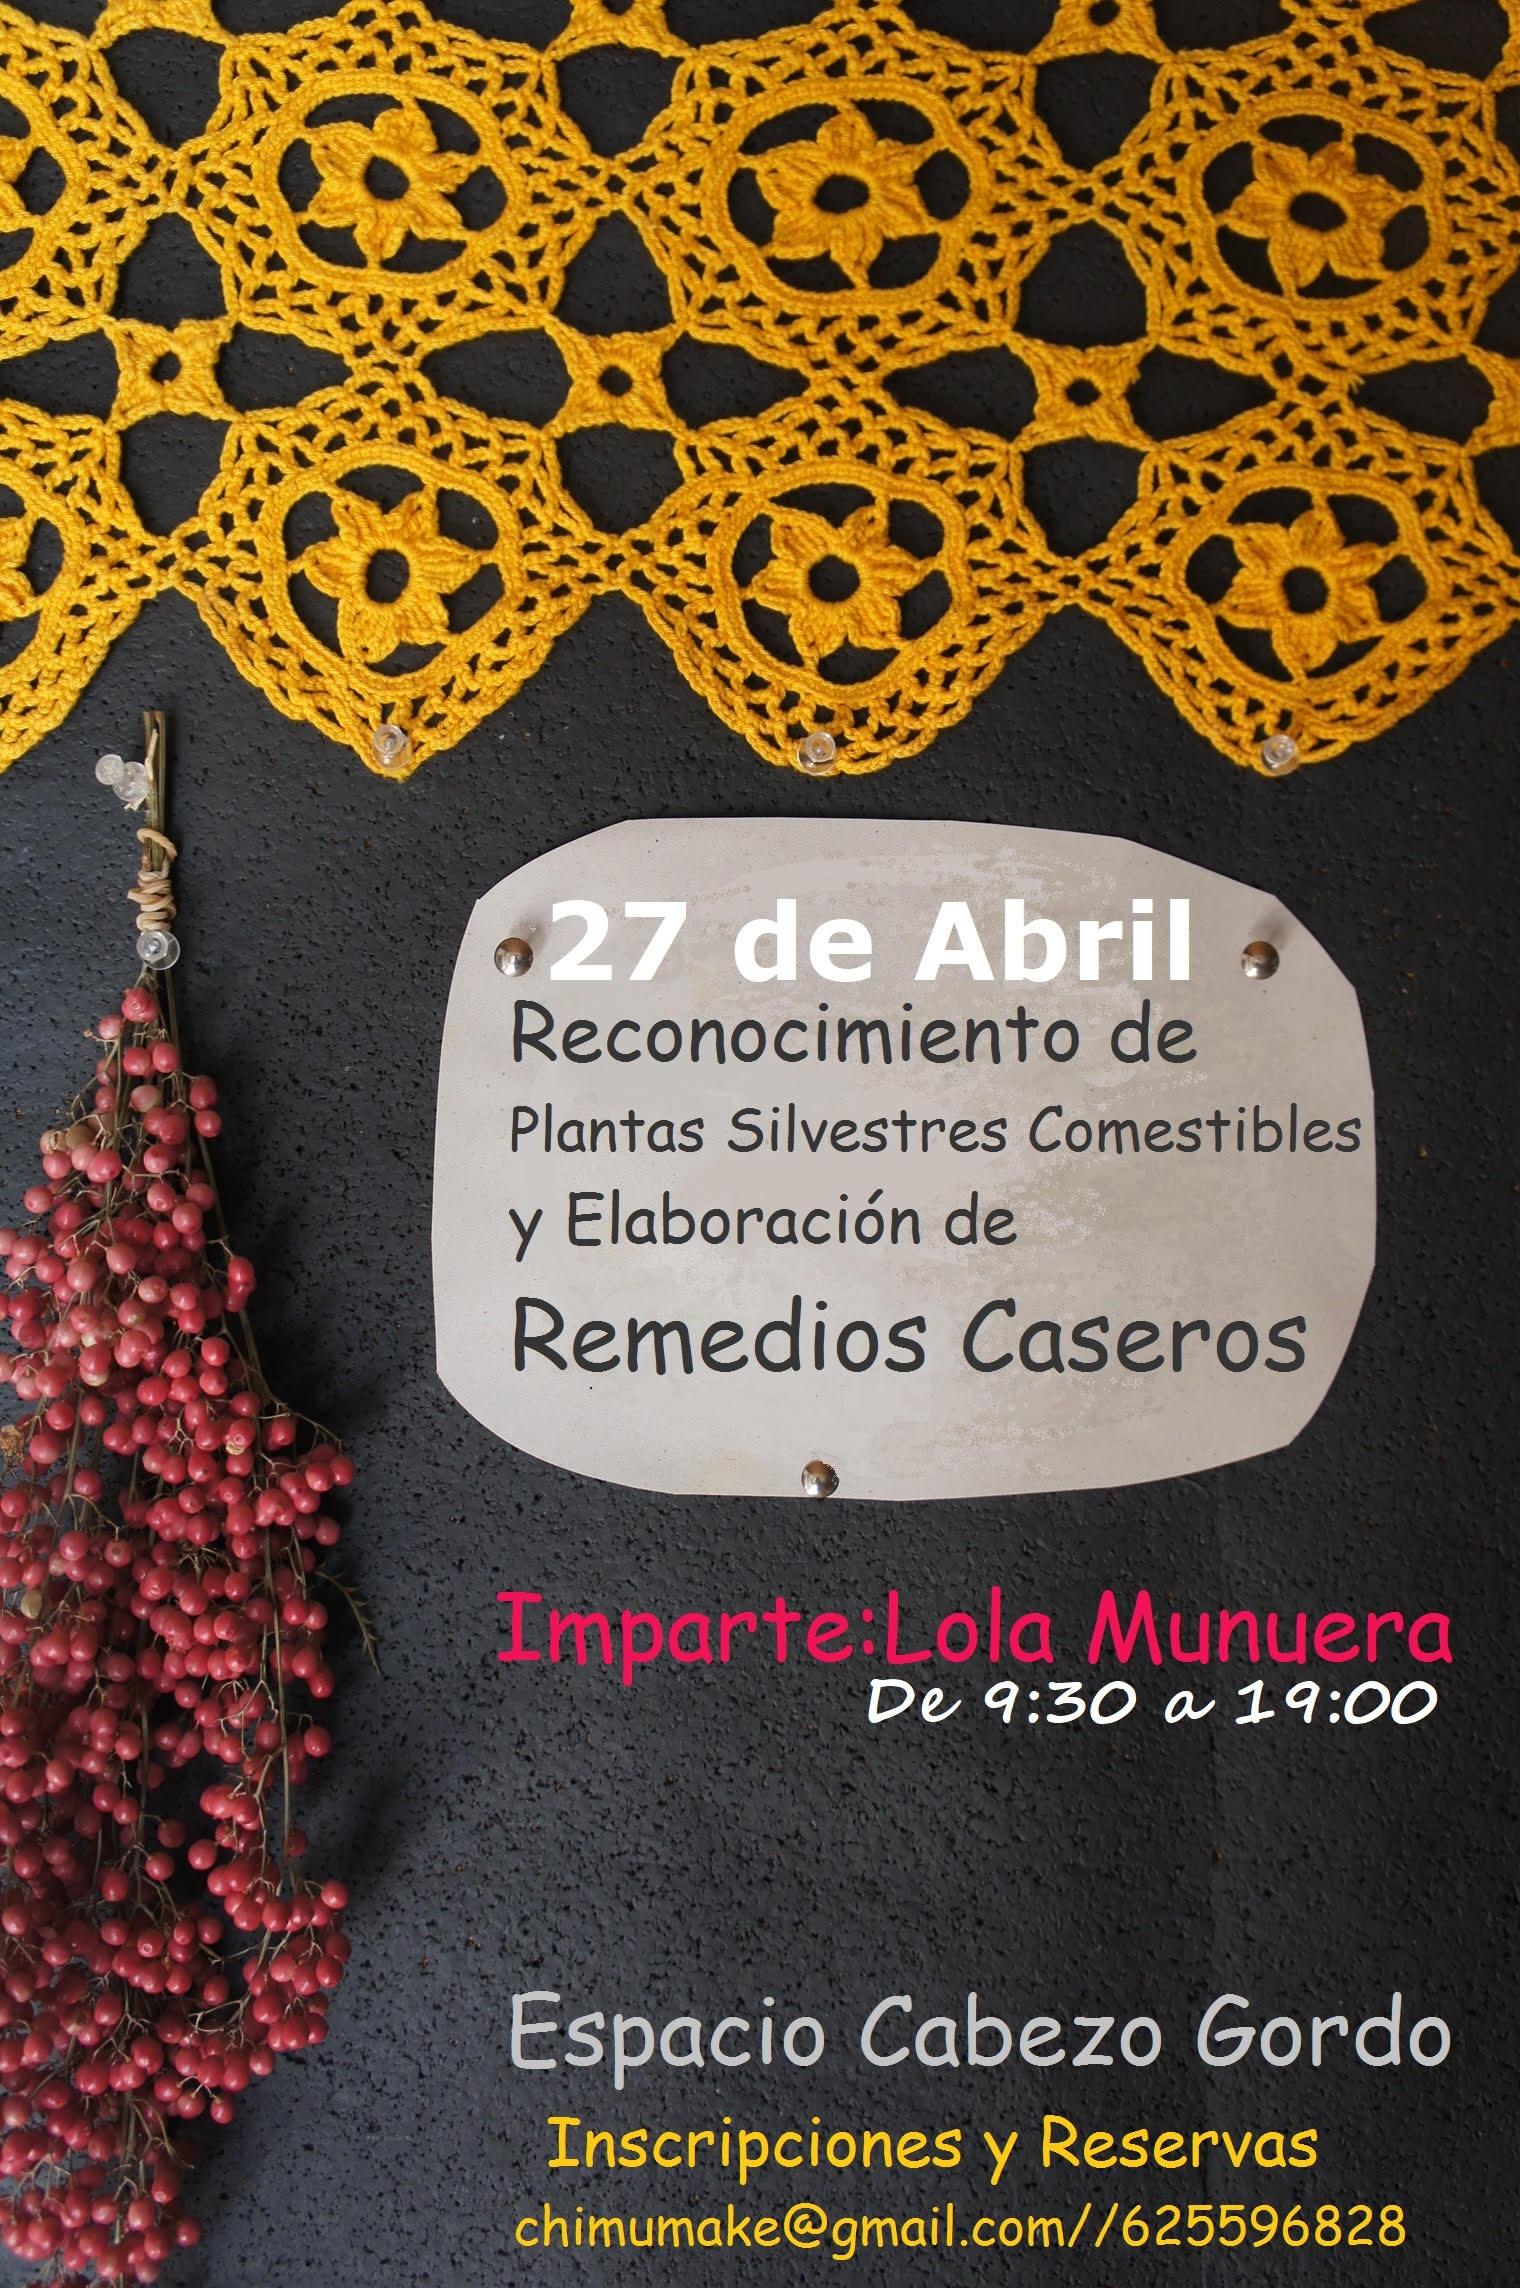 Reconocimiento de Plantas Silvestres + Remedios Caseros, con Conchi Munuera